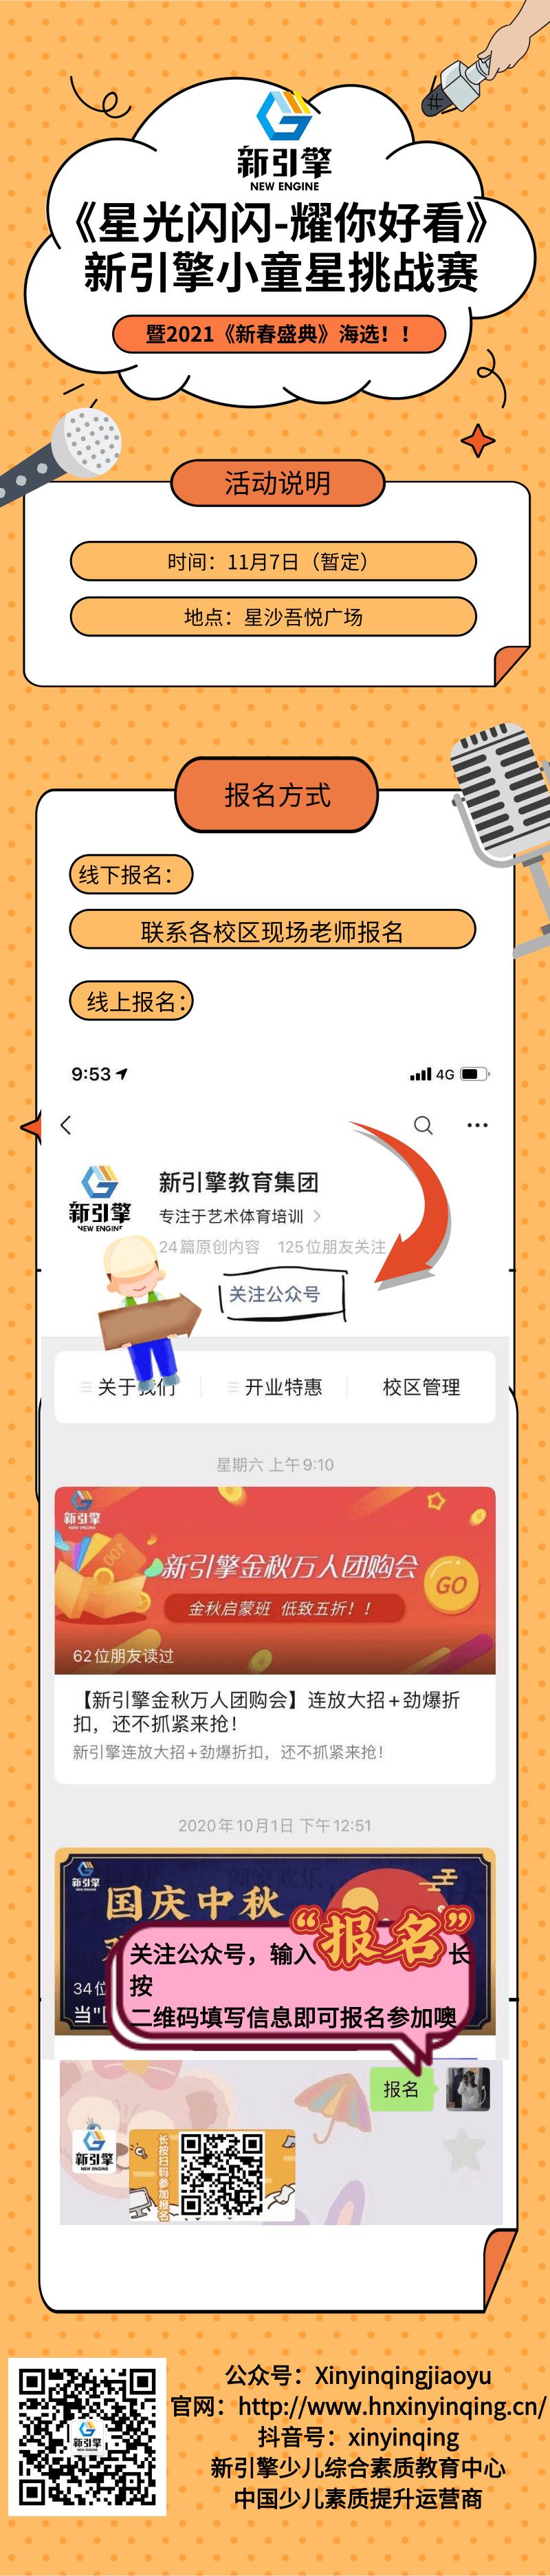 简约打卡签到送课程长图海报@凡科快图.png